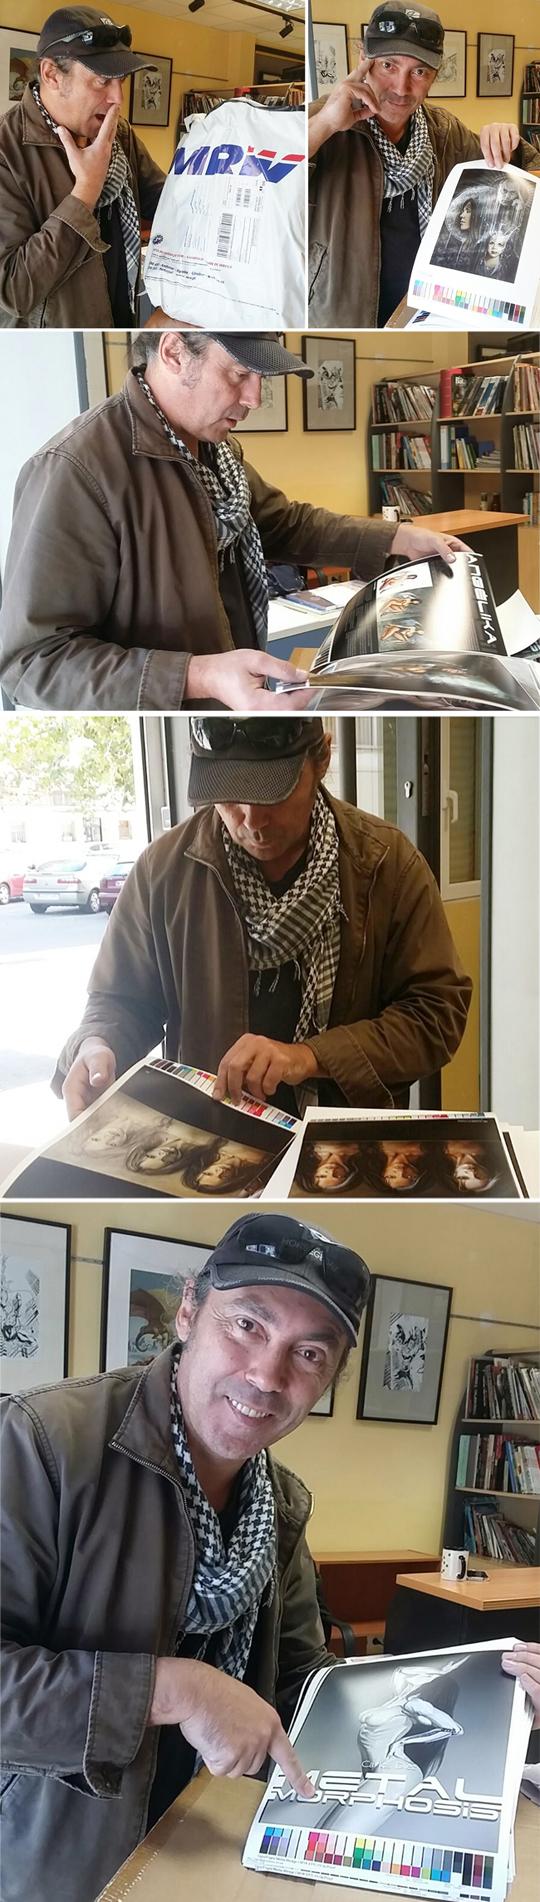 metalmorphosis_ilustracion_carlos diez_libro de ilustracion_aerografia